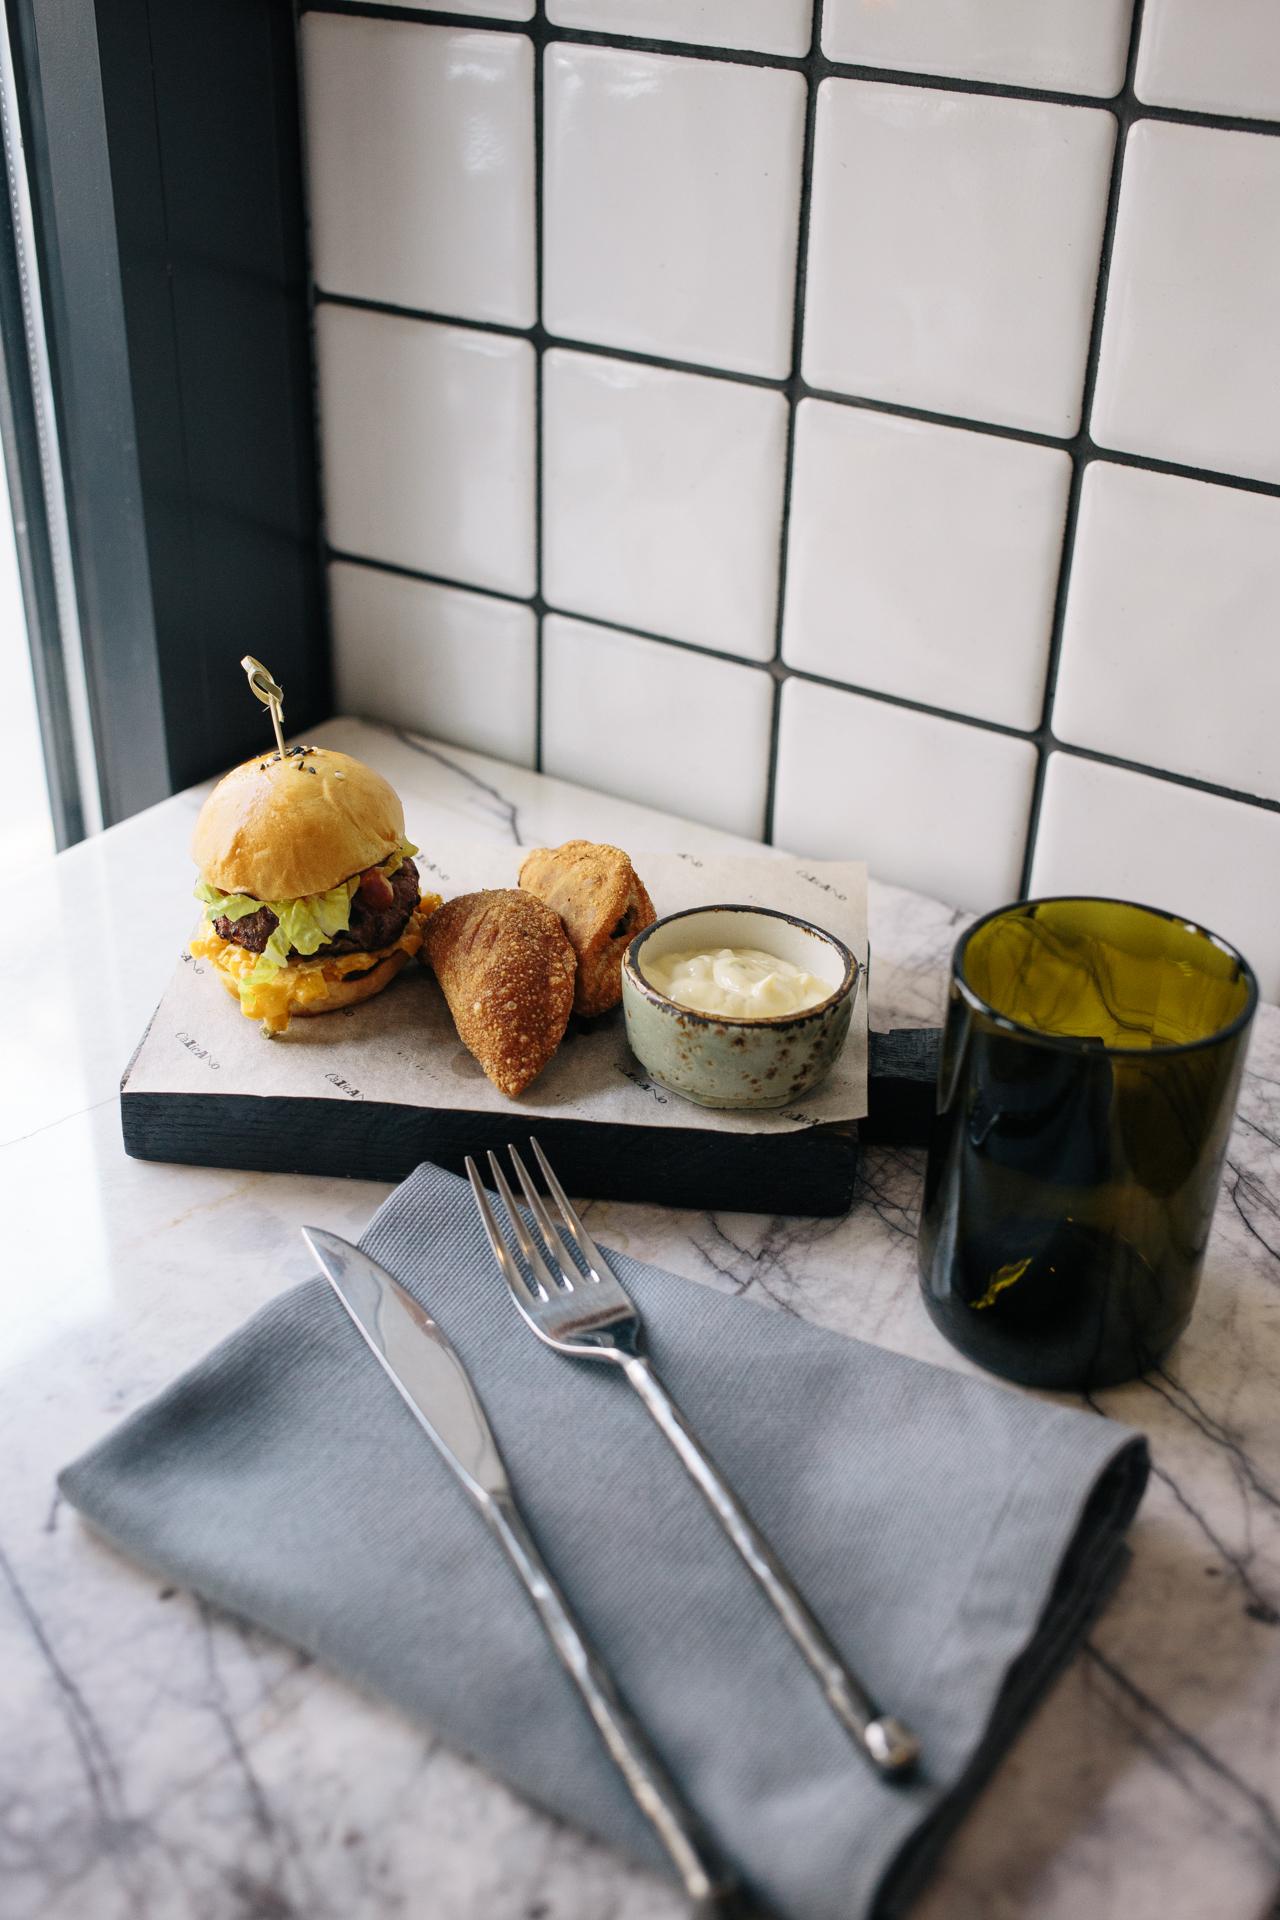 Биф-слфйдер и Эмпанада с серано айоли (Хрустящие пирожки с начинкой из острой говядины и фасоли)